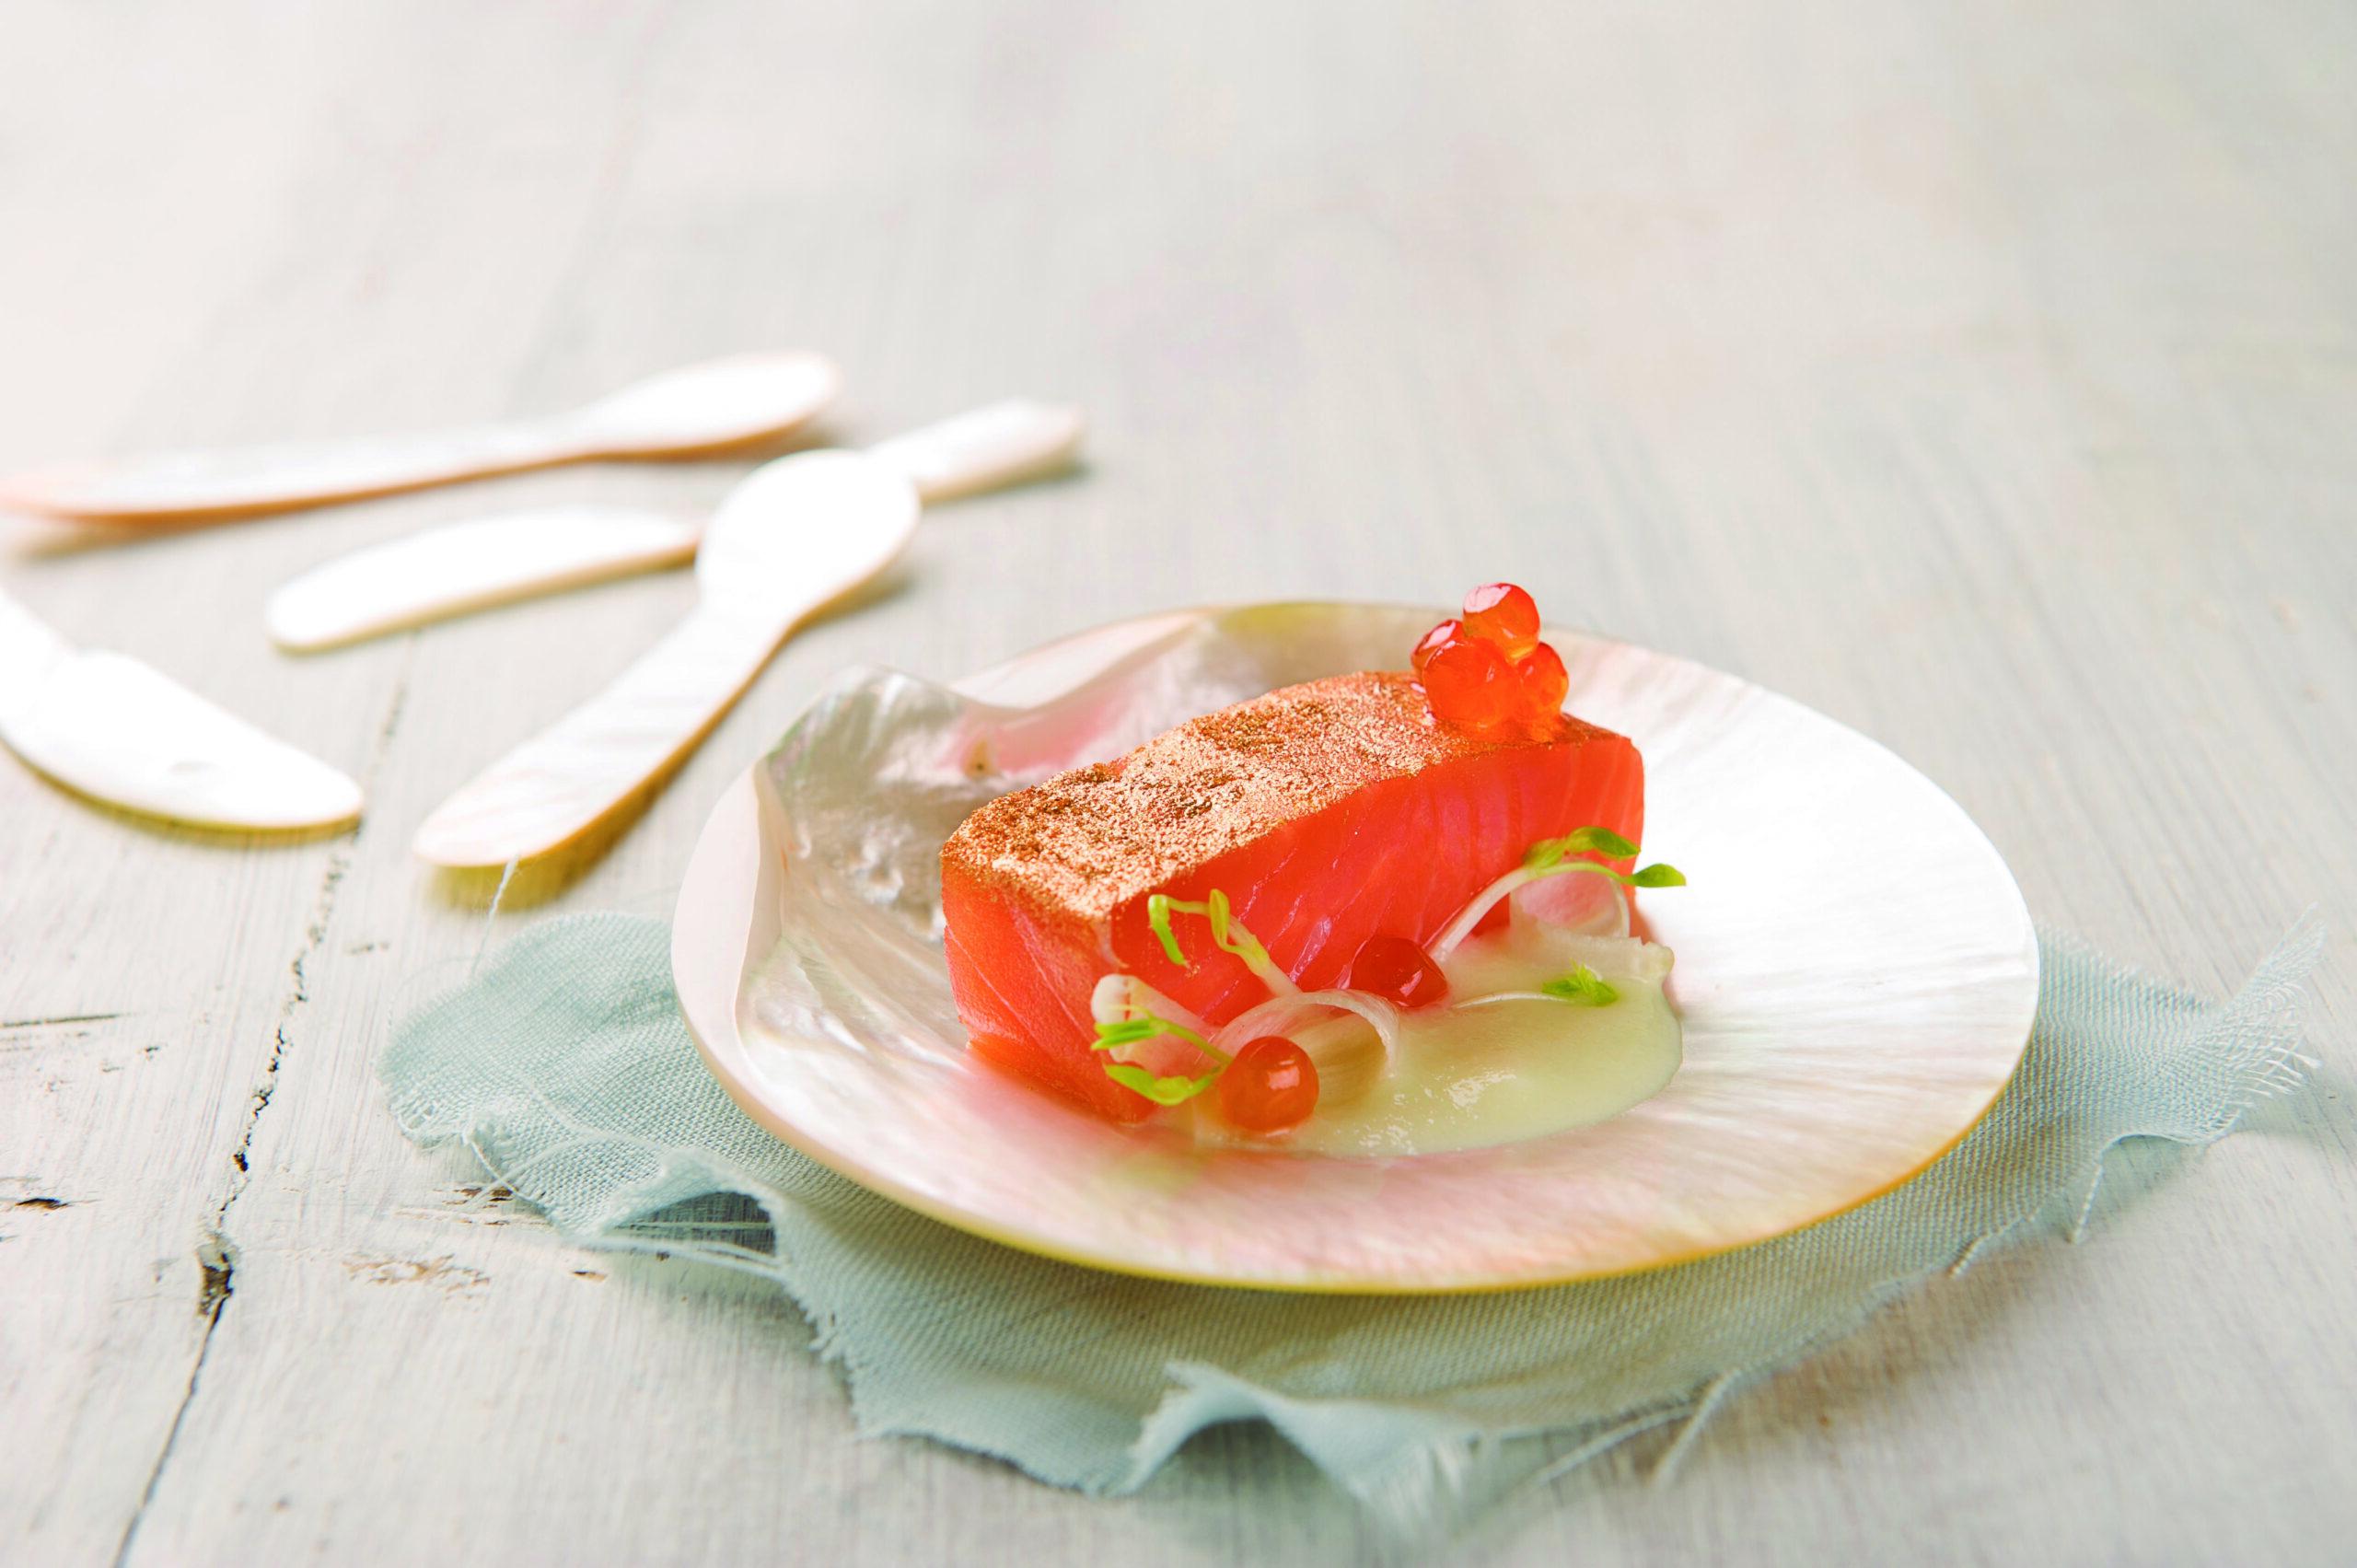 Con alga nori y wasabi